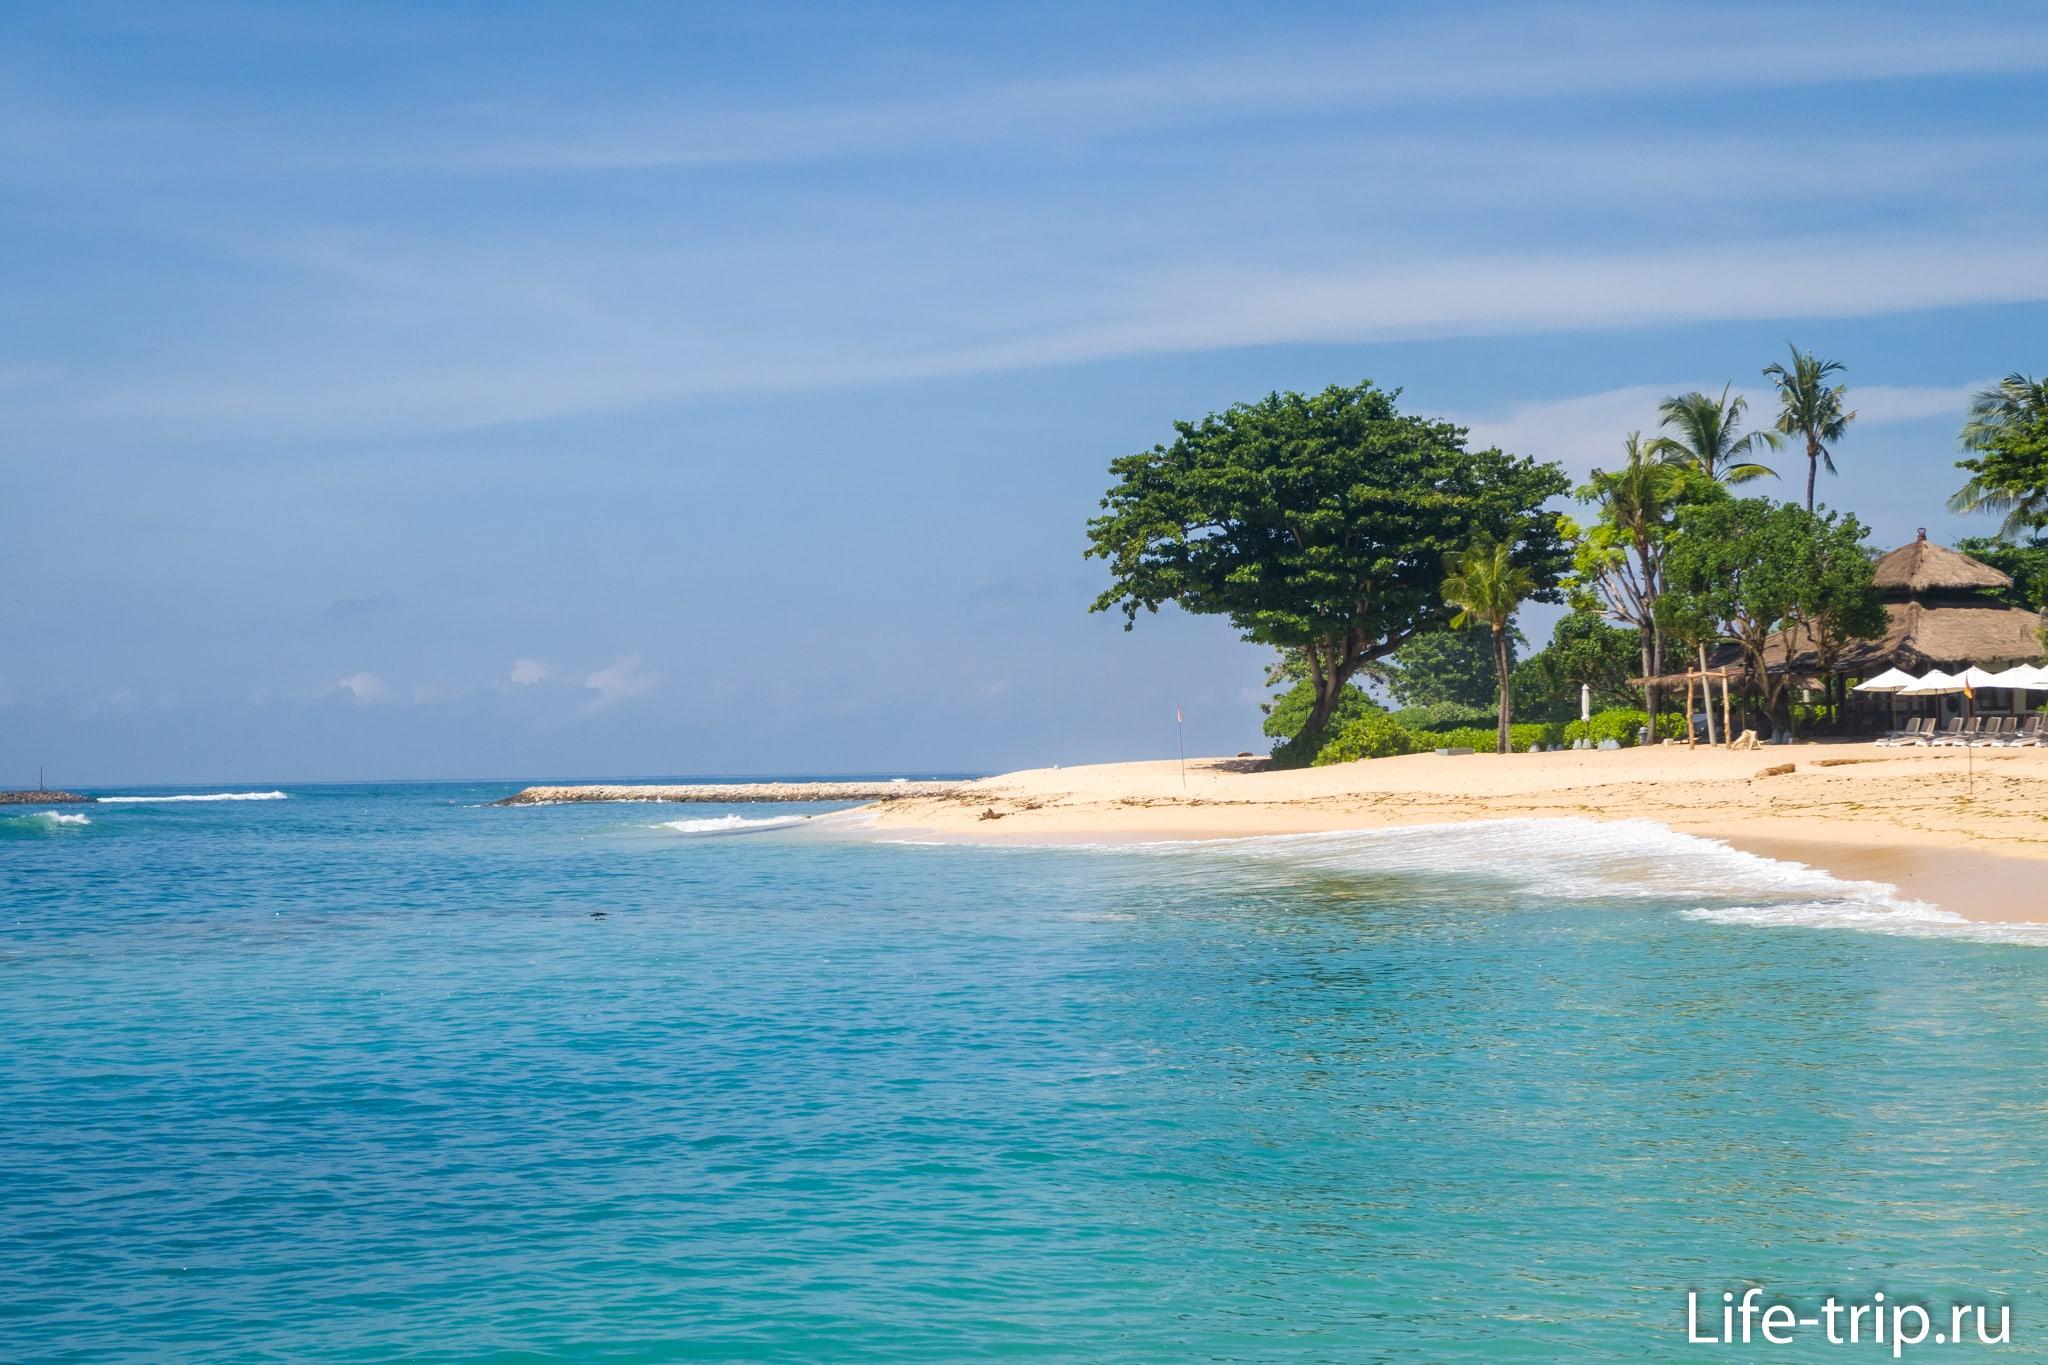 Пляж Саванган на Бали. Одинокое дерево - его визитная карточка.